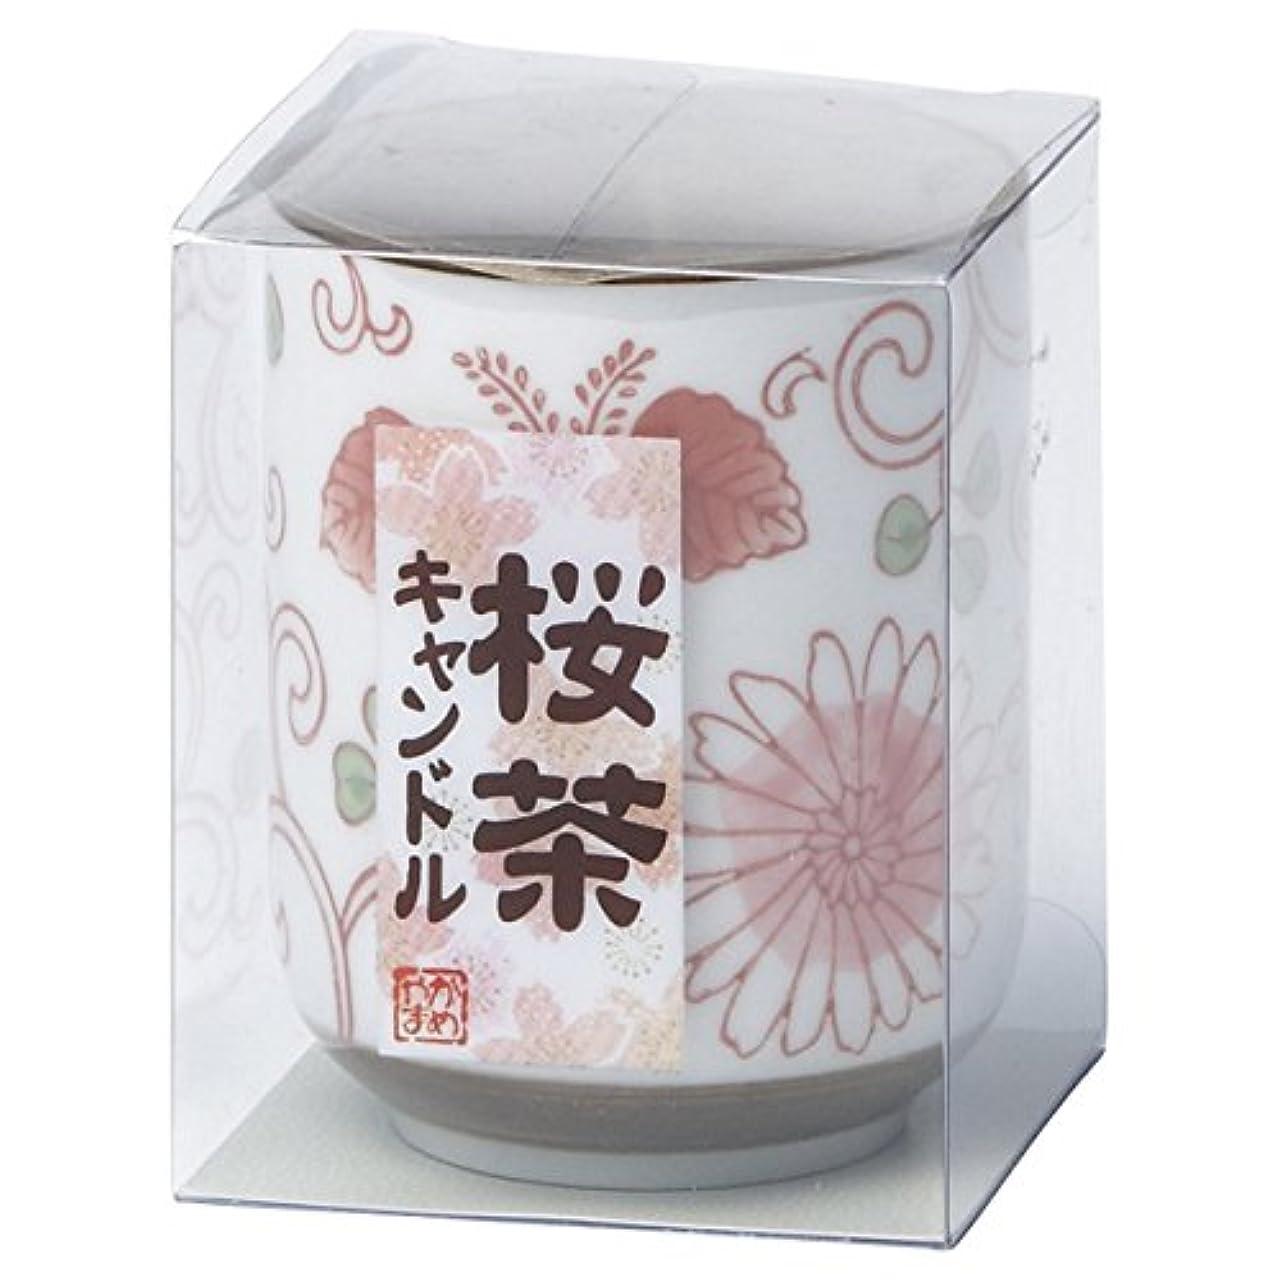 ハチいとこ嫌悪桜茶キャンドル